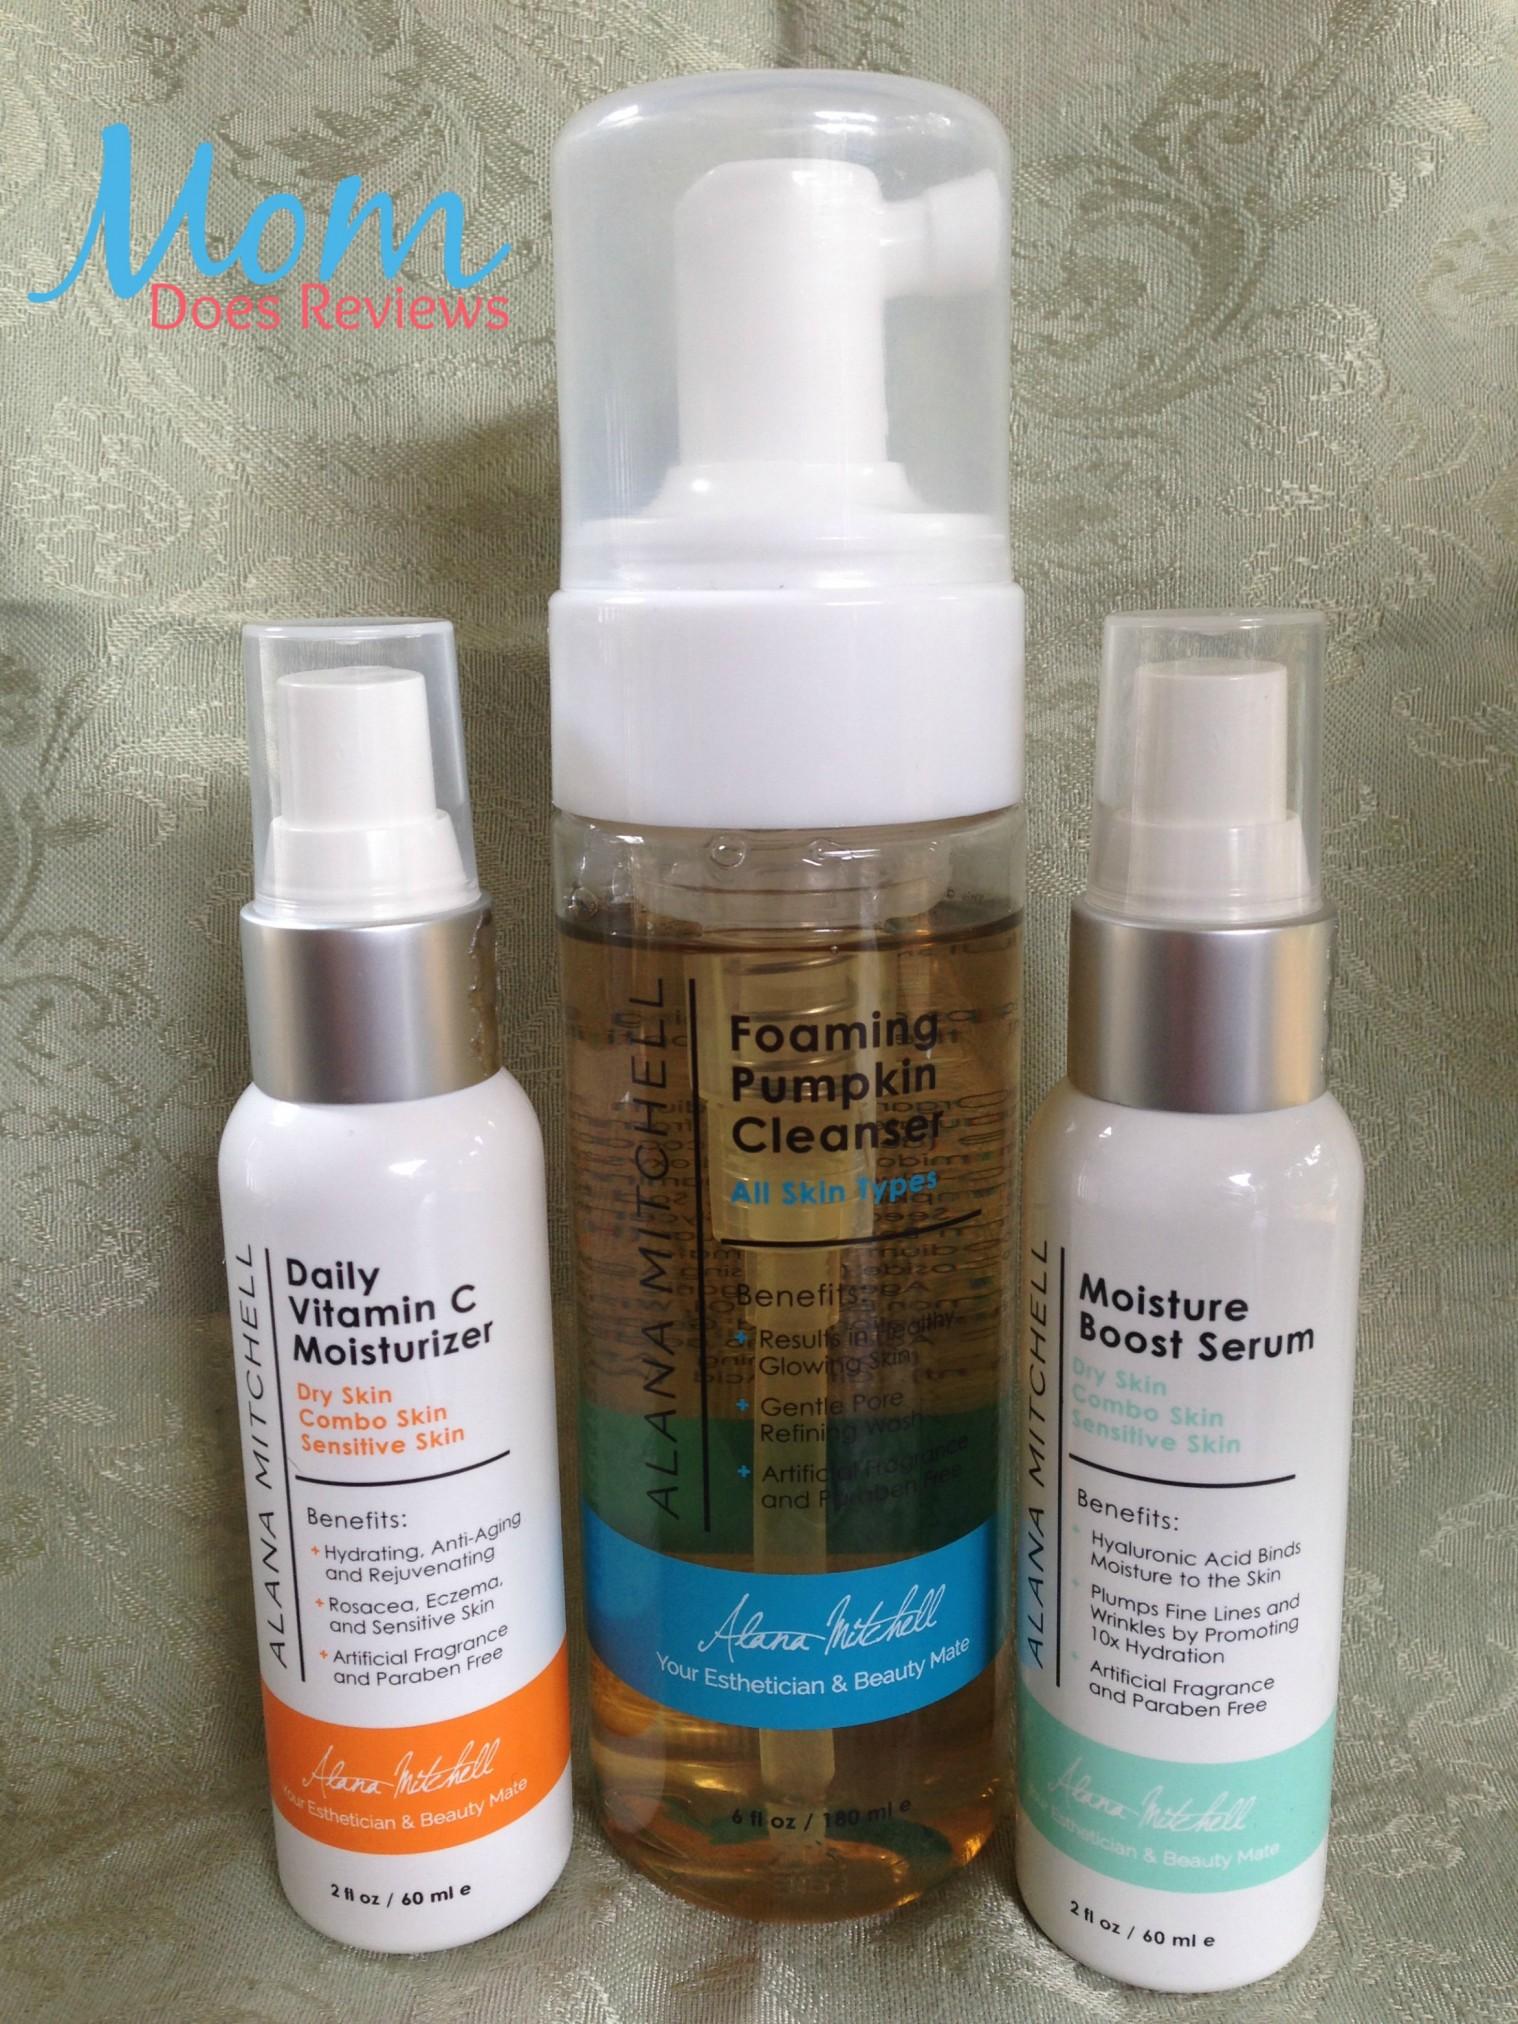 Rekomendasi Skin Care Yang Bagus di Bandung Nah, jika Anda sudah membaca dengan seksama tips dan trik di atas serta sudah yakin untuk menggunakan perawatan skin care, kini saya akan mengulas beberapa klinik skin care terbaik yang dapat Anda coba.